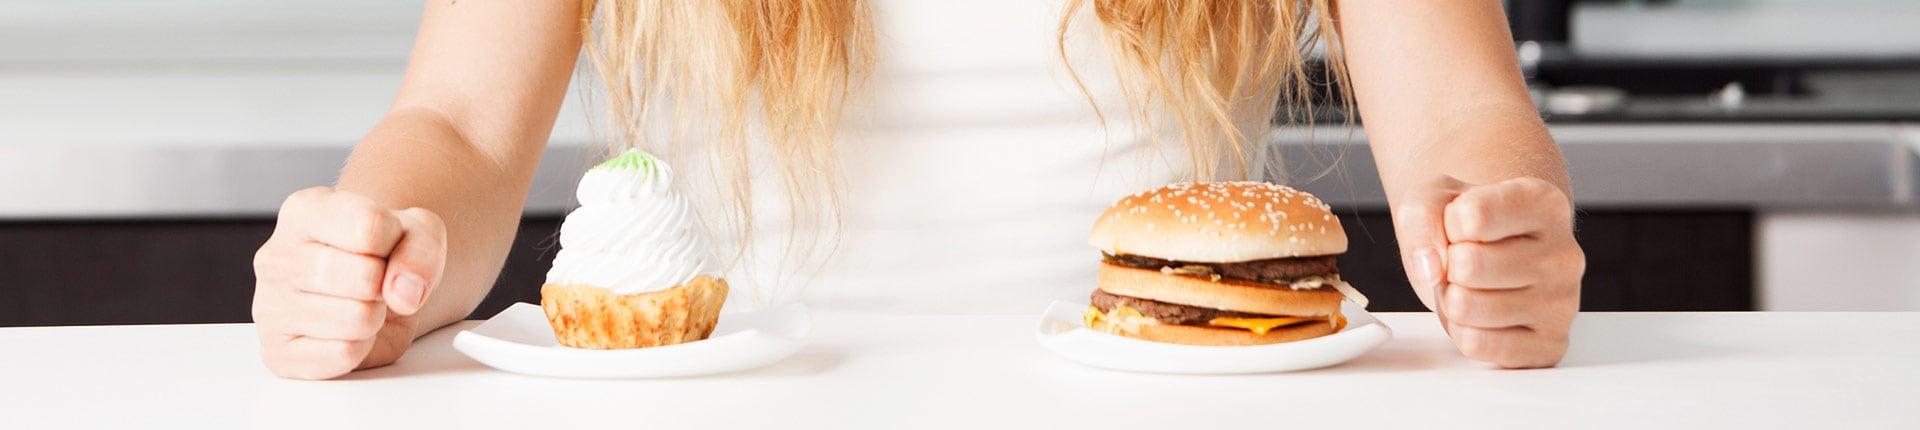 Odżywianie a choroby nowotworowe